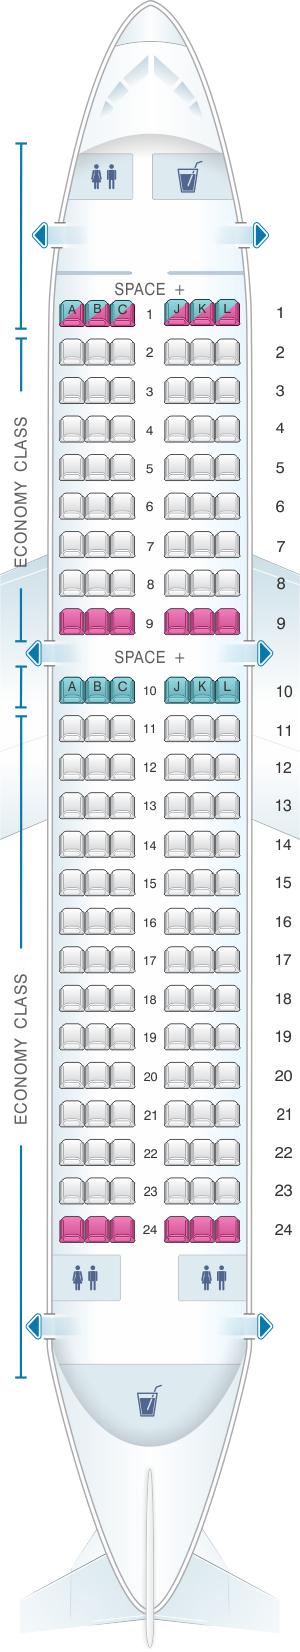 Seat Map LATAM Airlines Airbus A319 | SeatMaestro.com